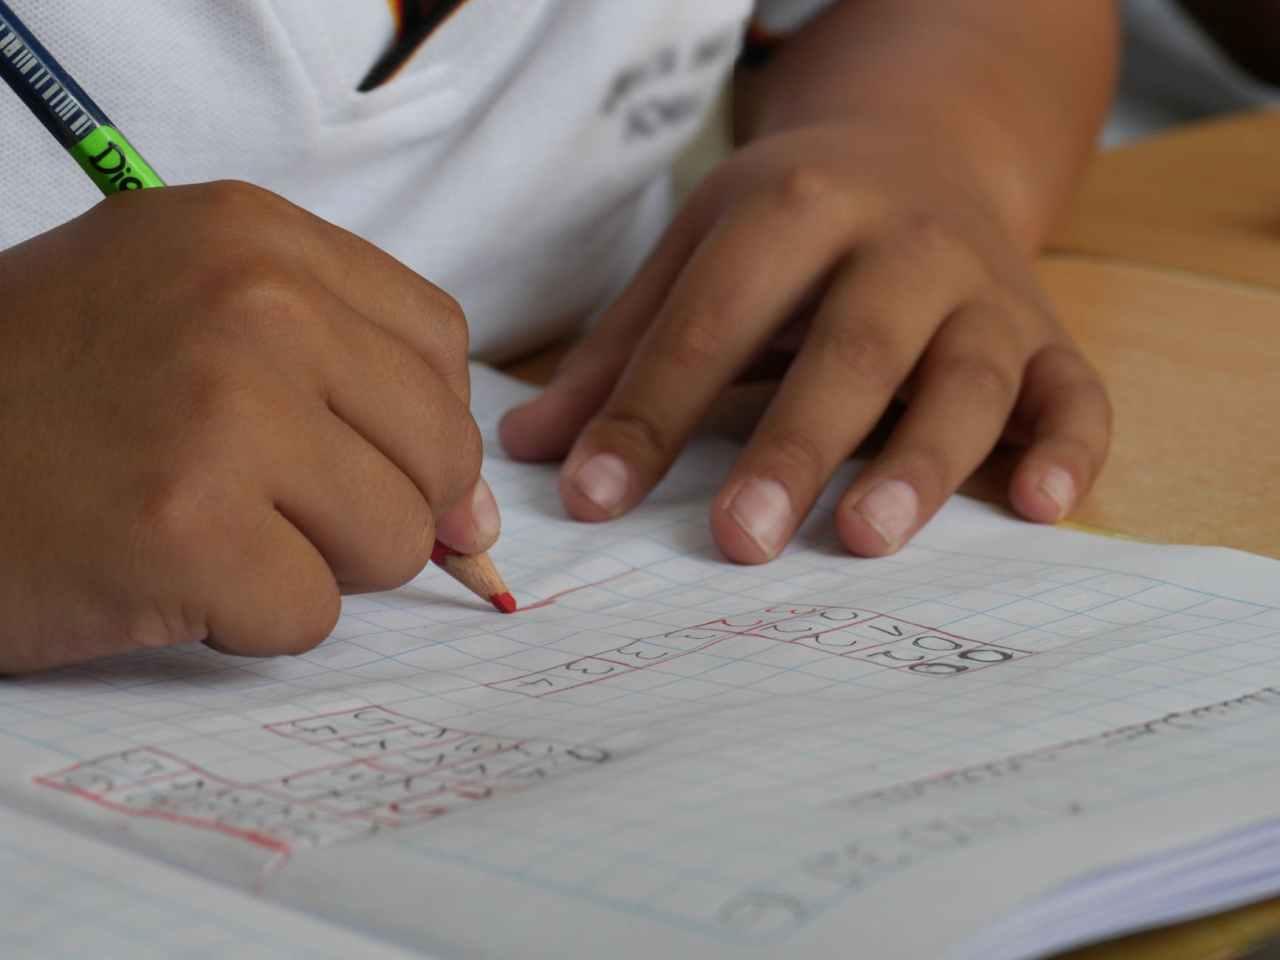 Μέχρι 26 Ιουνίου τα μαθήματα σε δημοτικά και νηπιαγωγεία – Έως 15 μαθητές σε κάθετμήμα